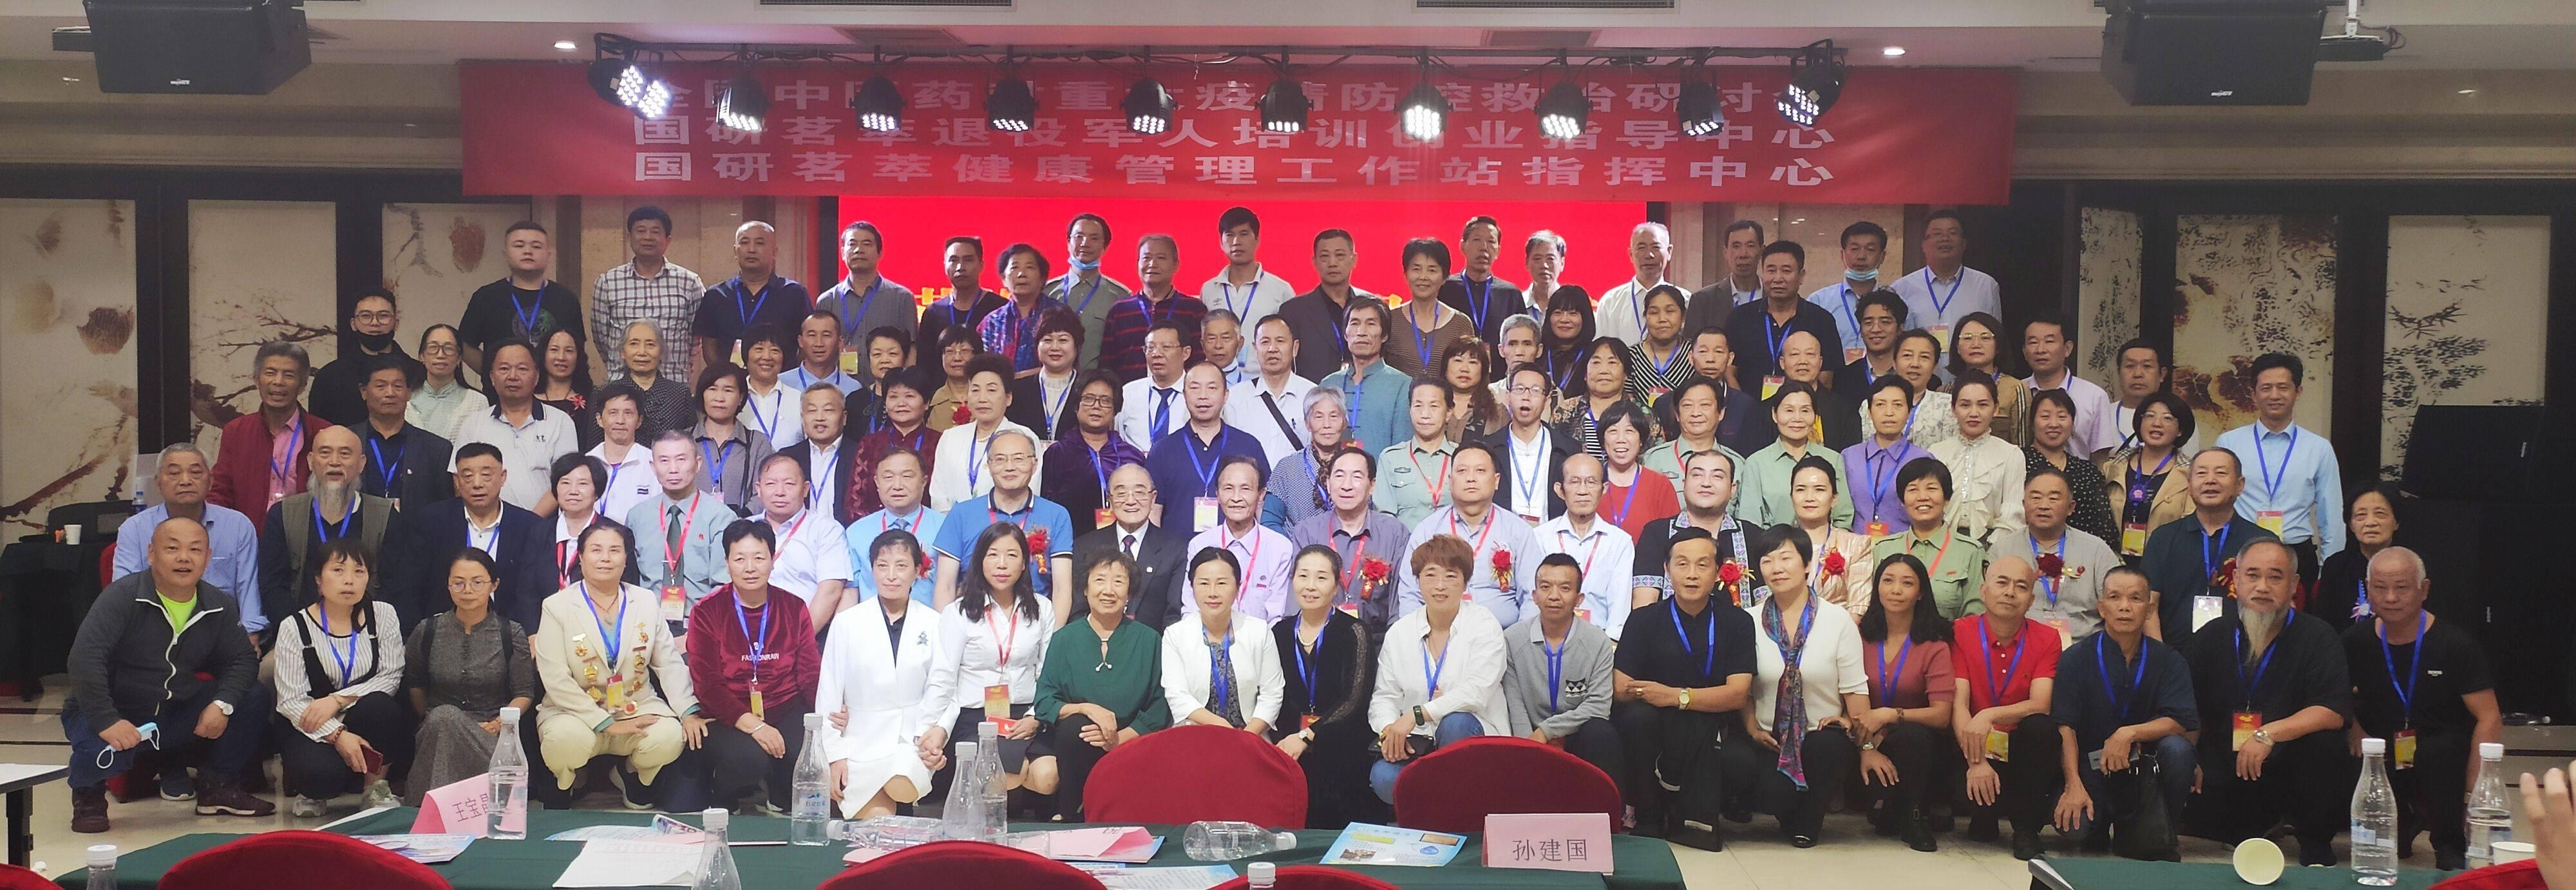 全国中医药对疫情防控救治研讨会在京隆重举行!